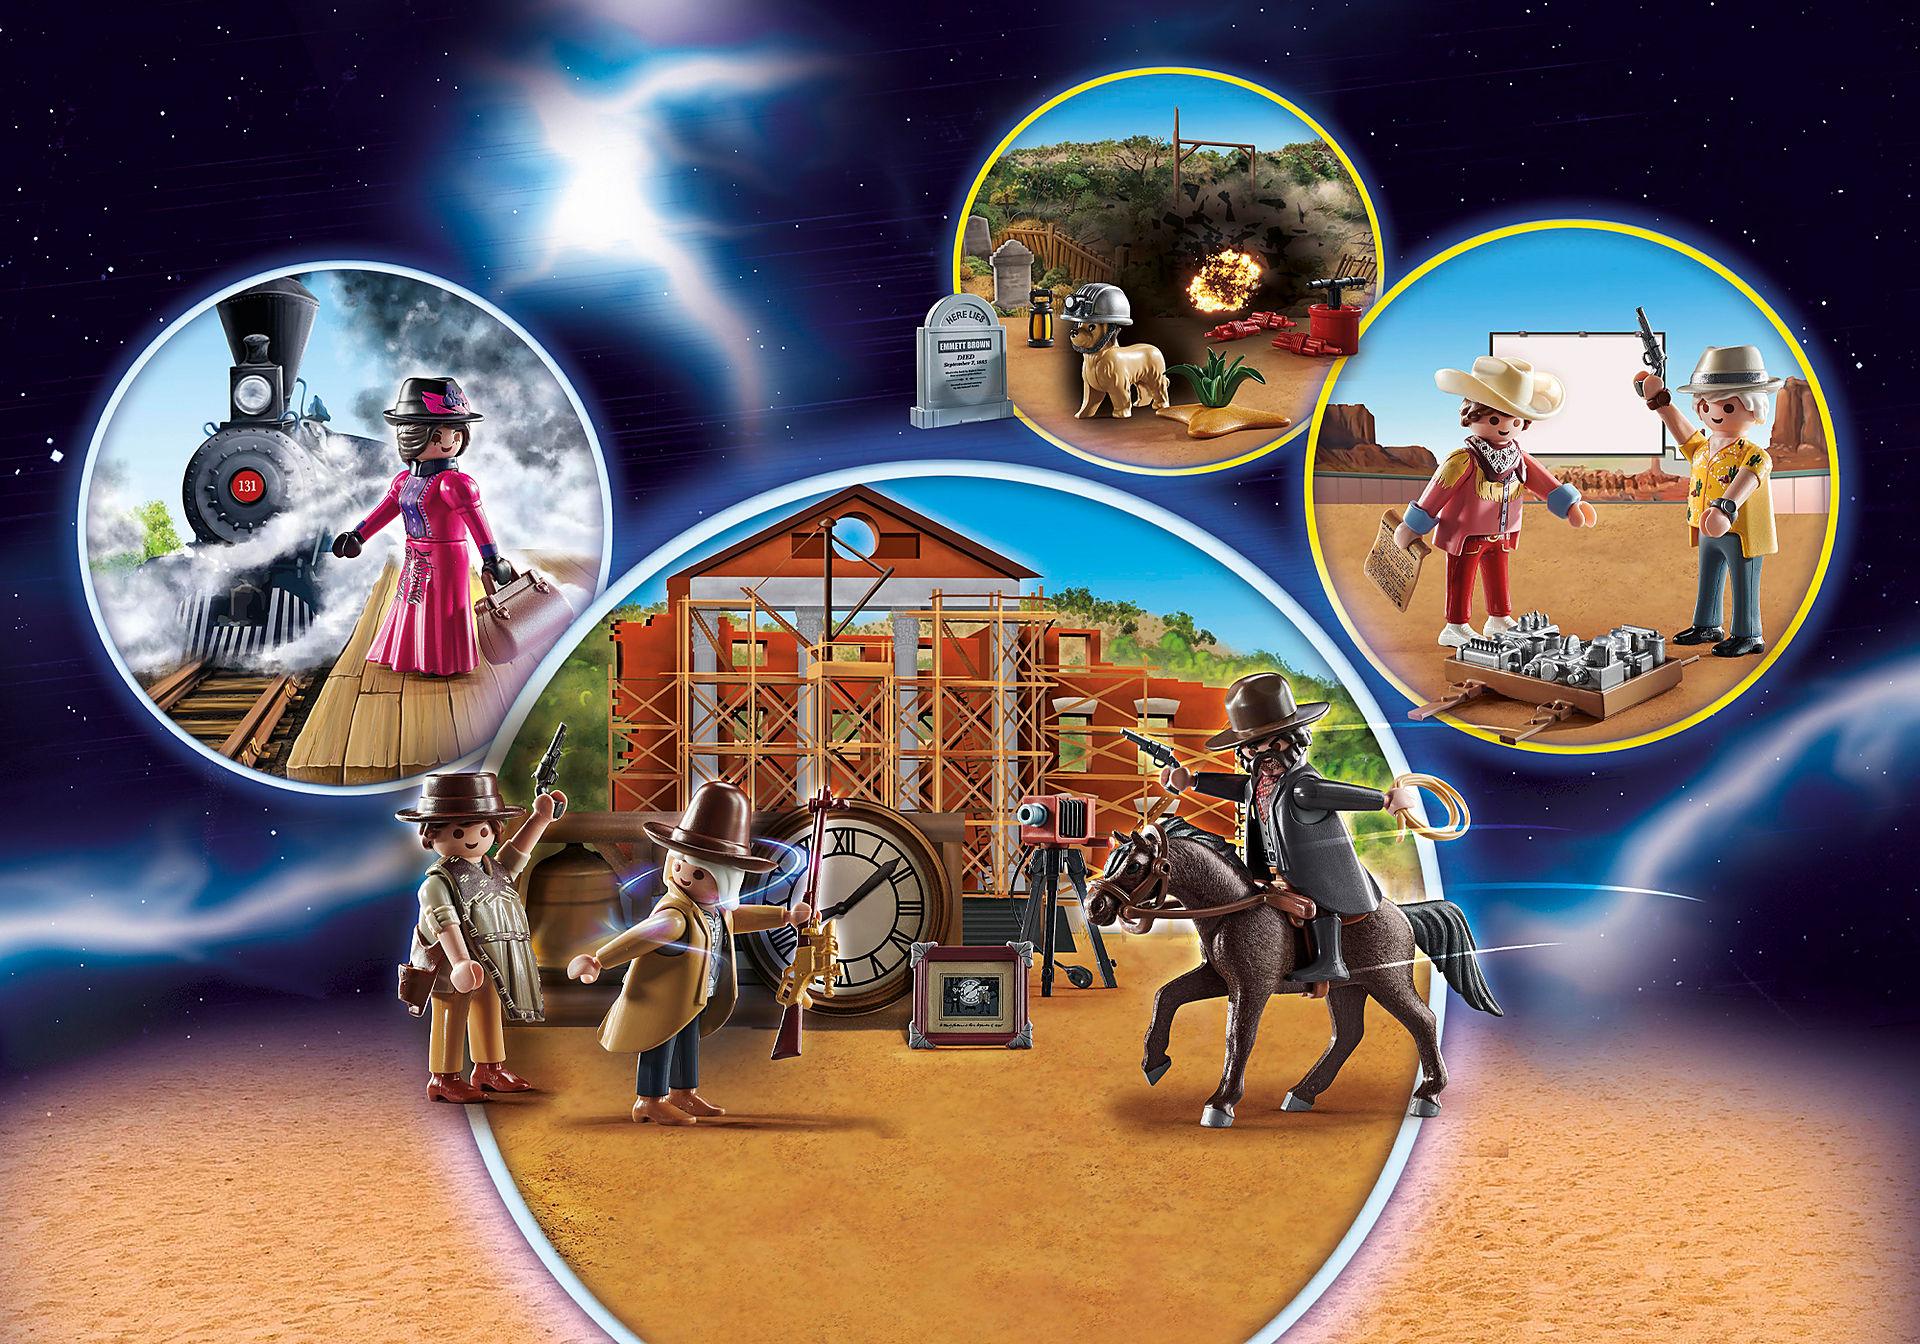 70576 Calendario de Adviento Back to the Future Parte III zoom image3